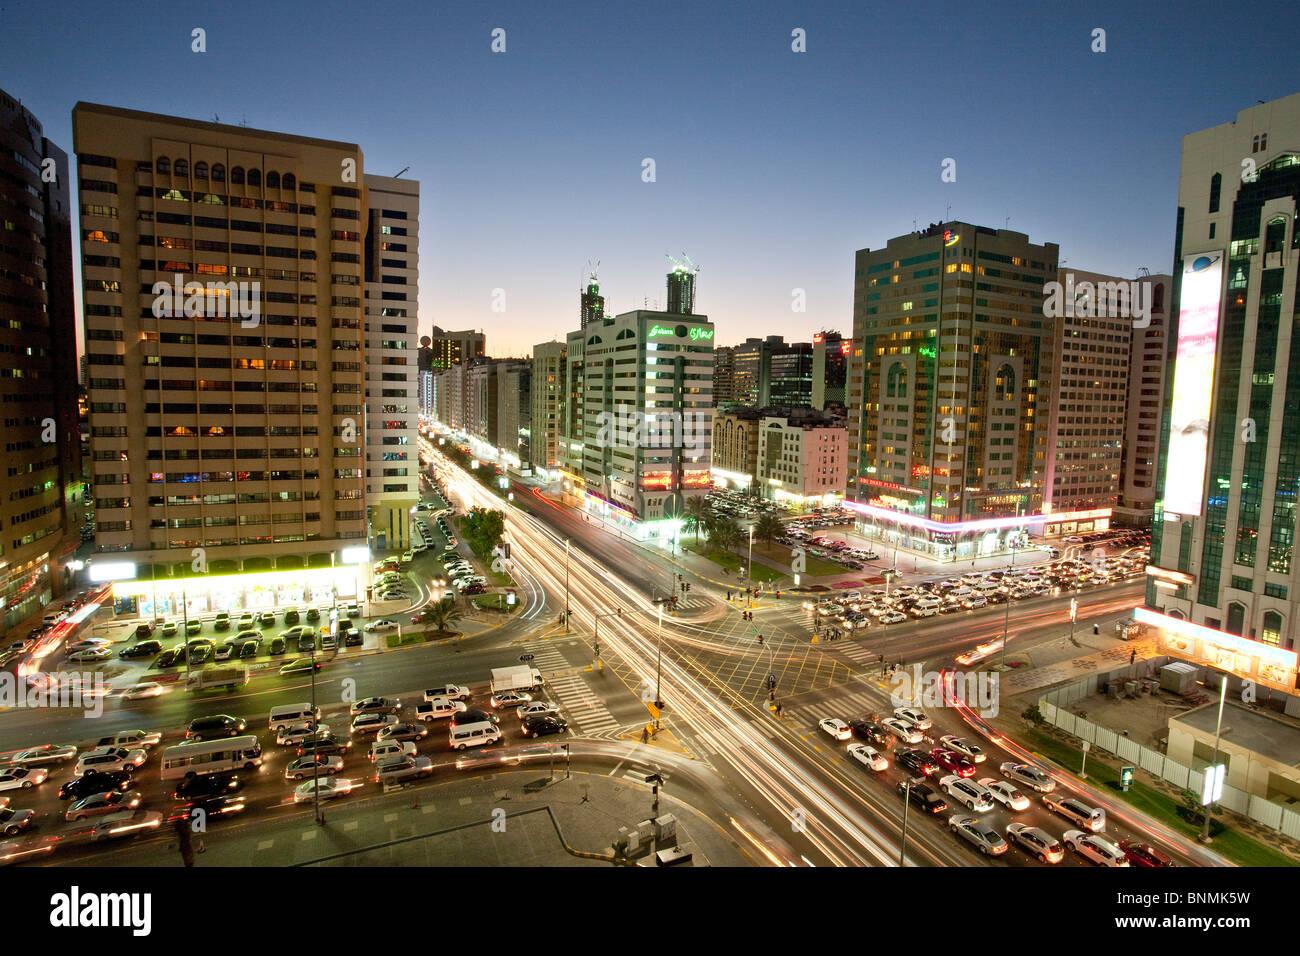 Abu Dhabi ÉMIRATS ARABES UNIS Emirats Arabes Unis Moyen-orient voyager place d'intérêt monument Photo Stock